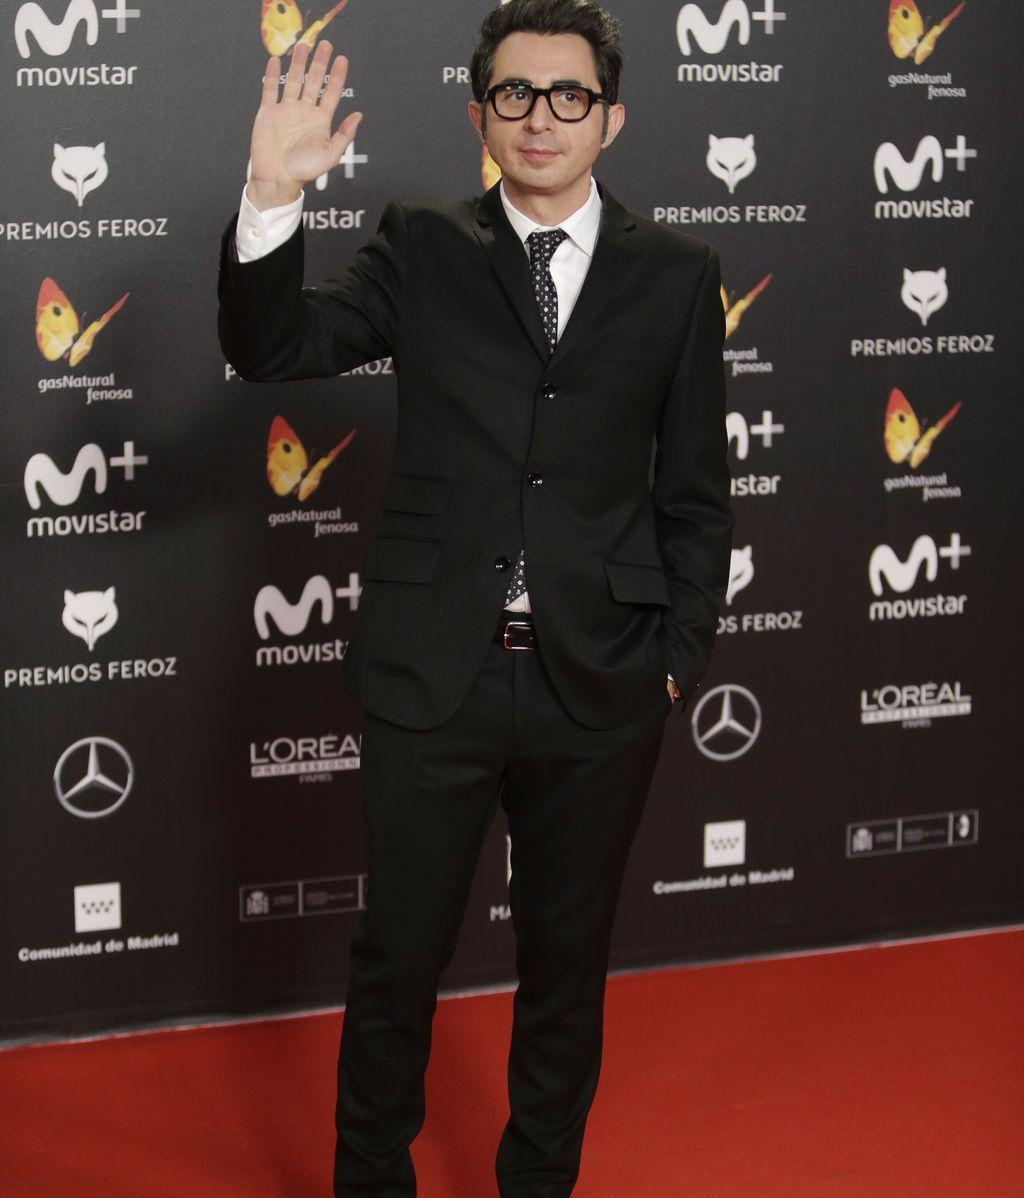 El cómico Berto Romero también ha estado en la gala